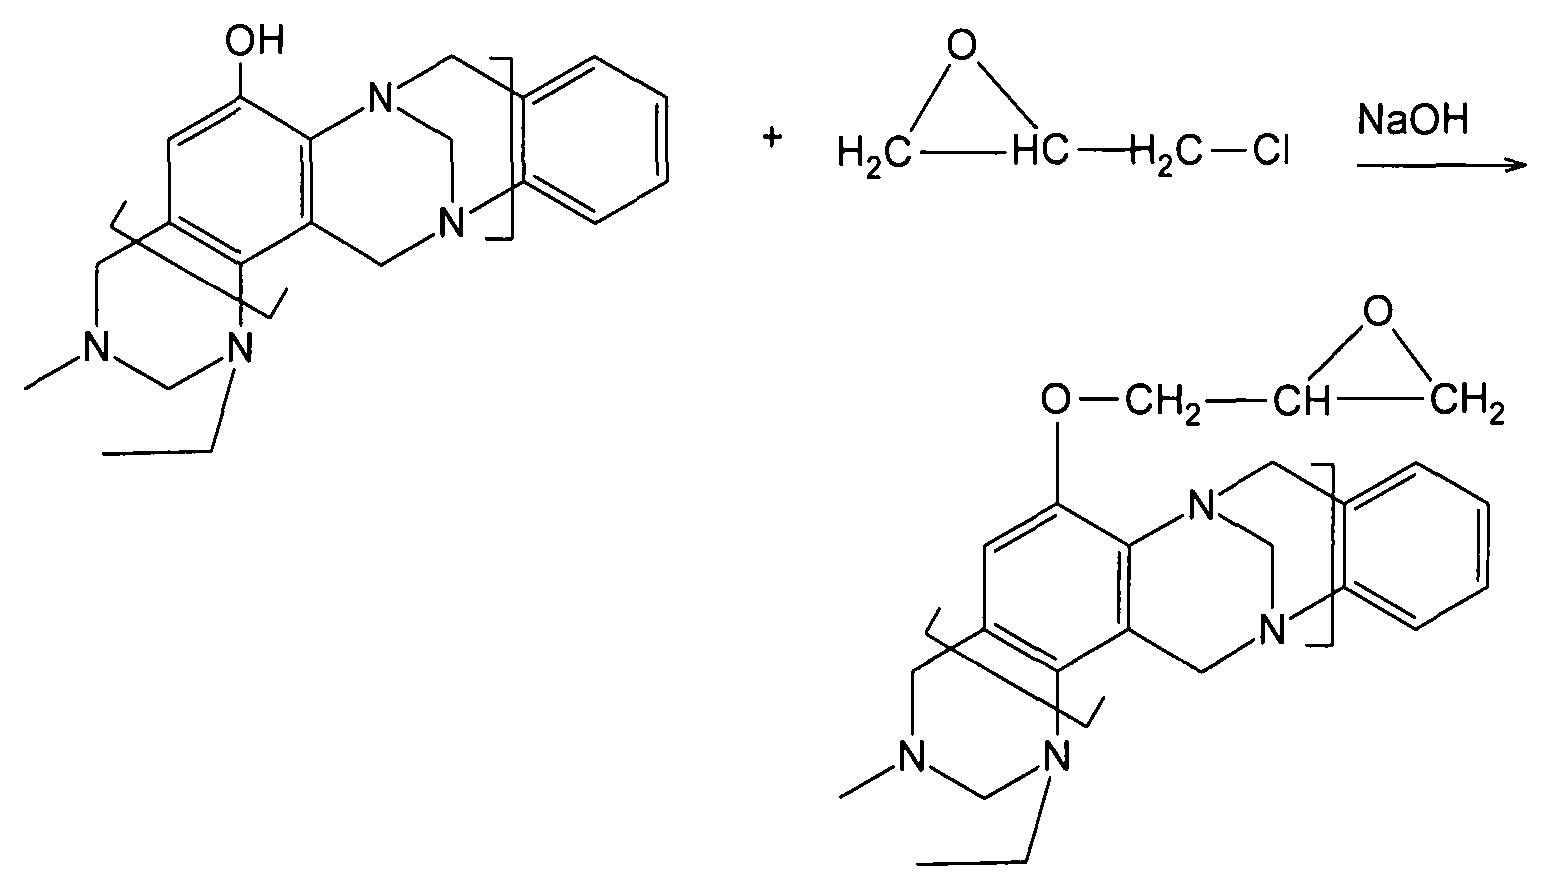 Figure DE112016005378T5_0052